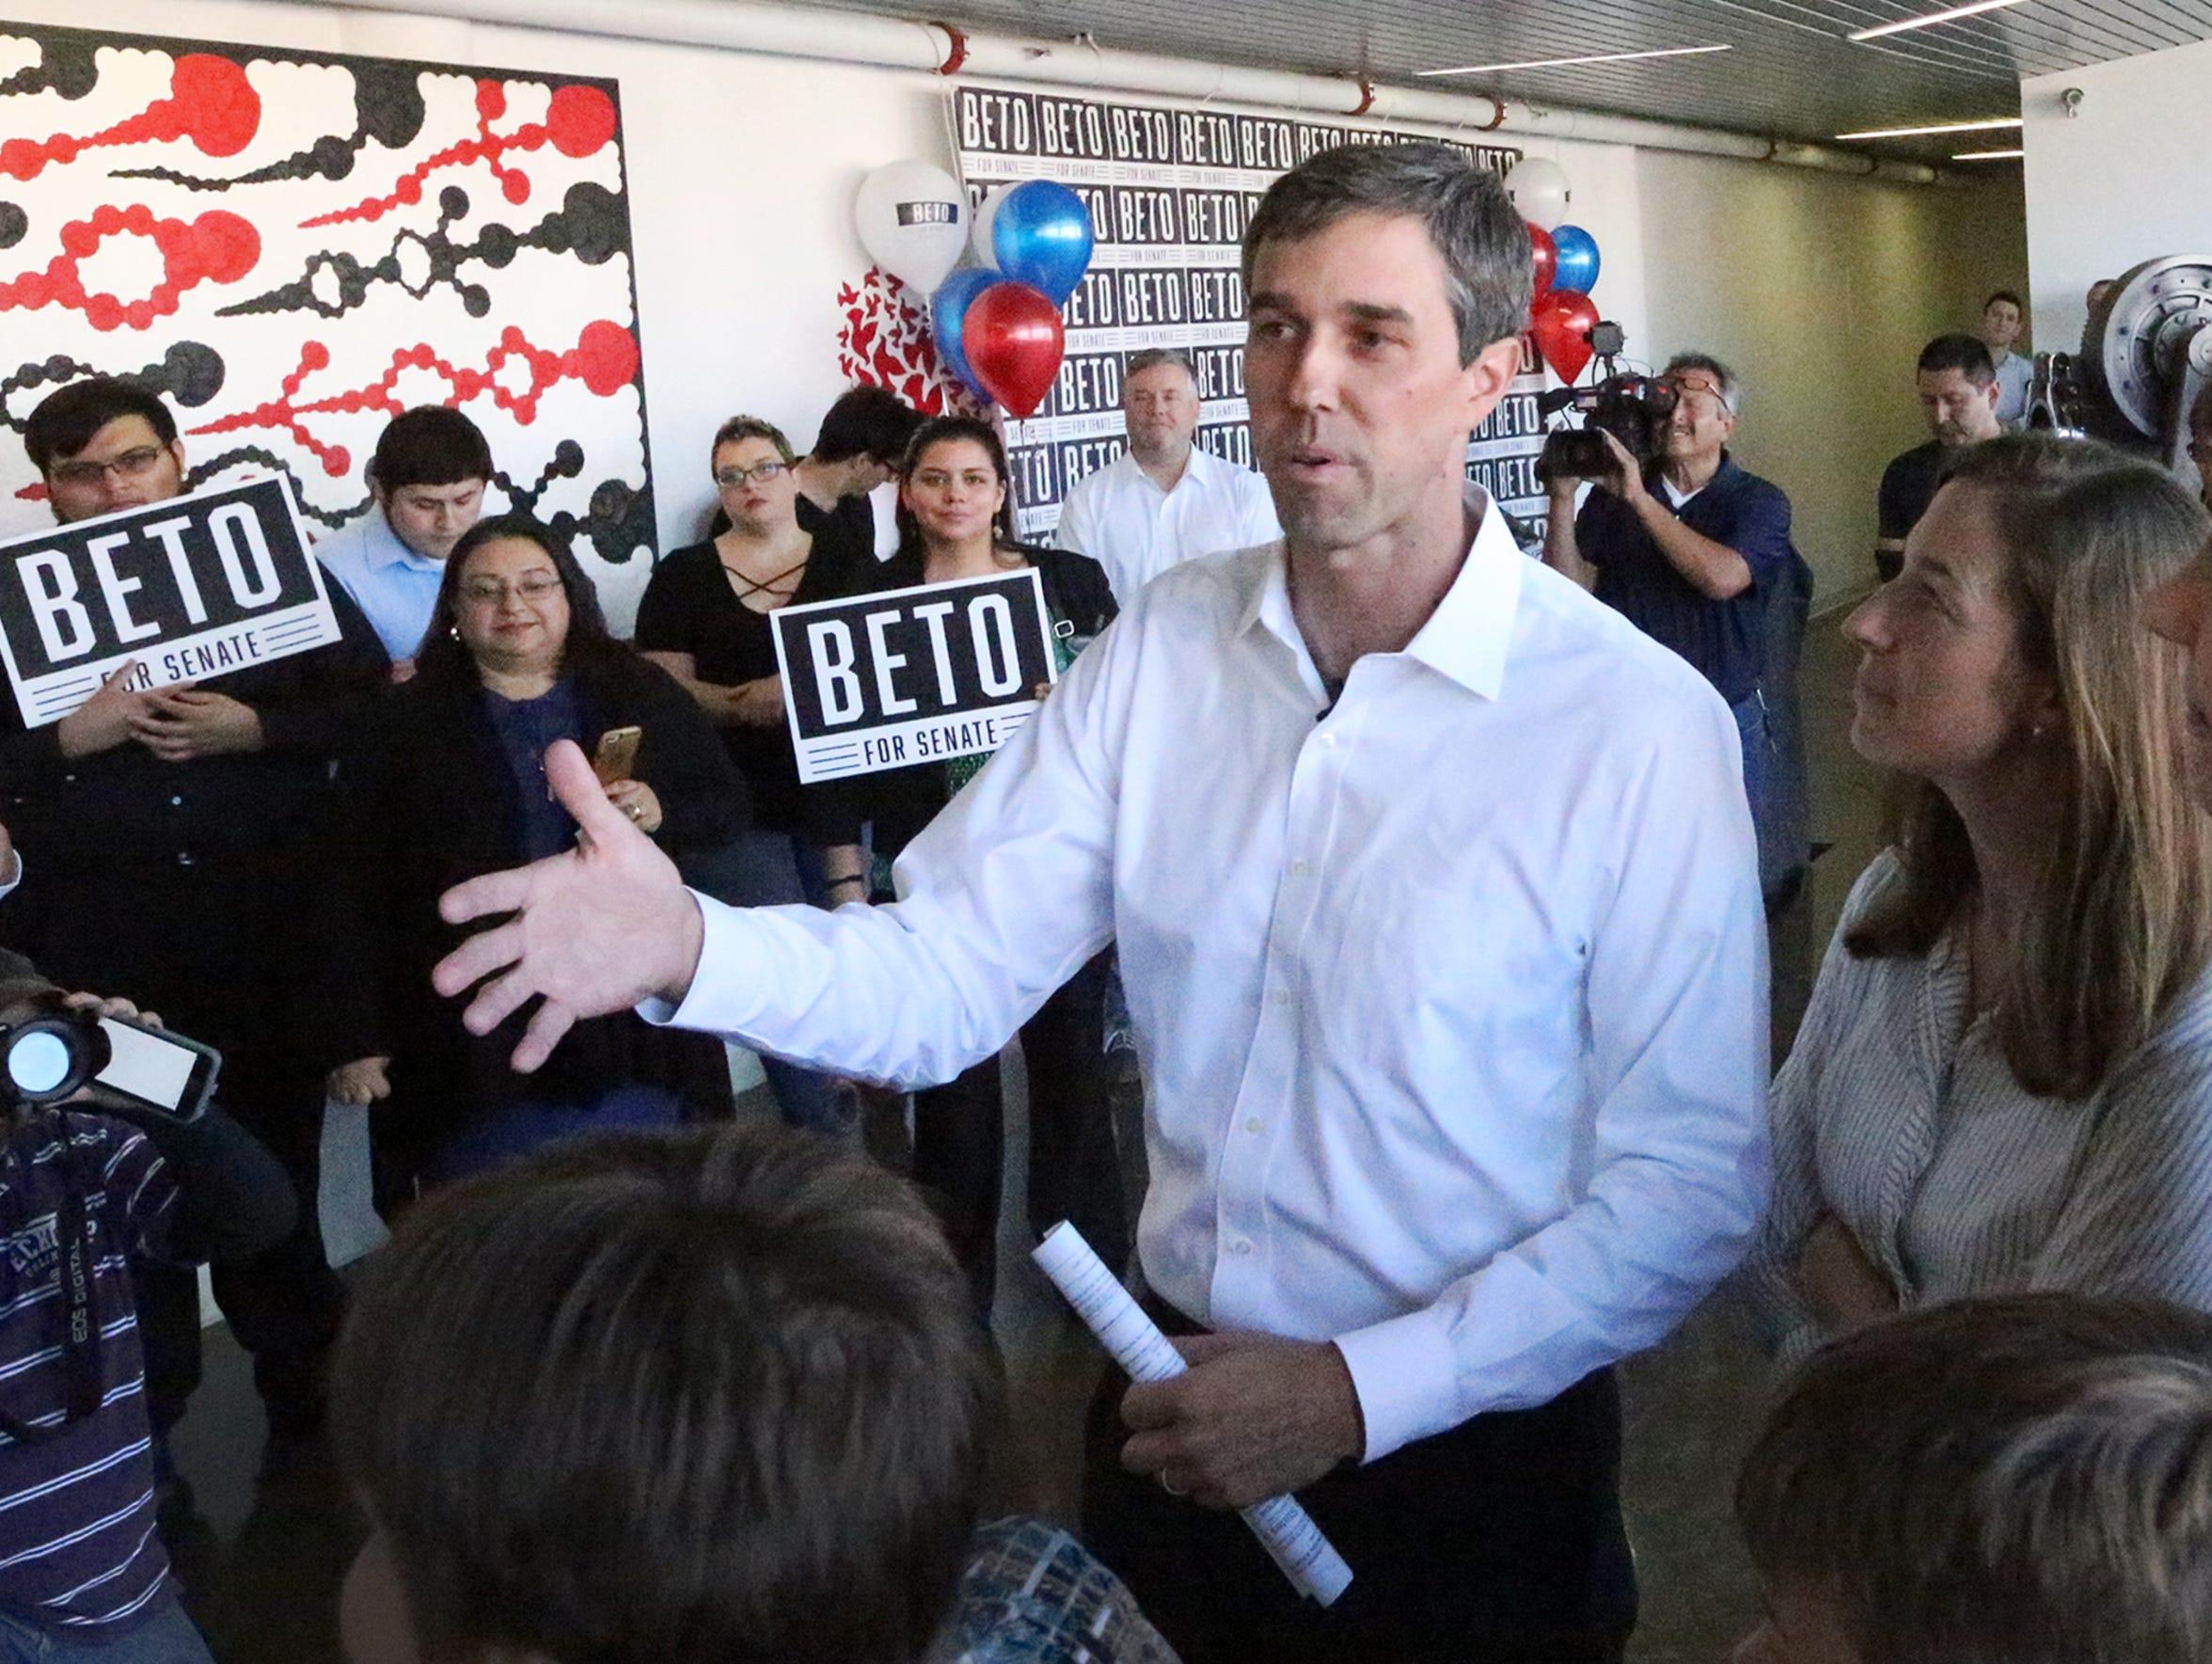 Beto O'Rourke, center, speaks to supporters in November